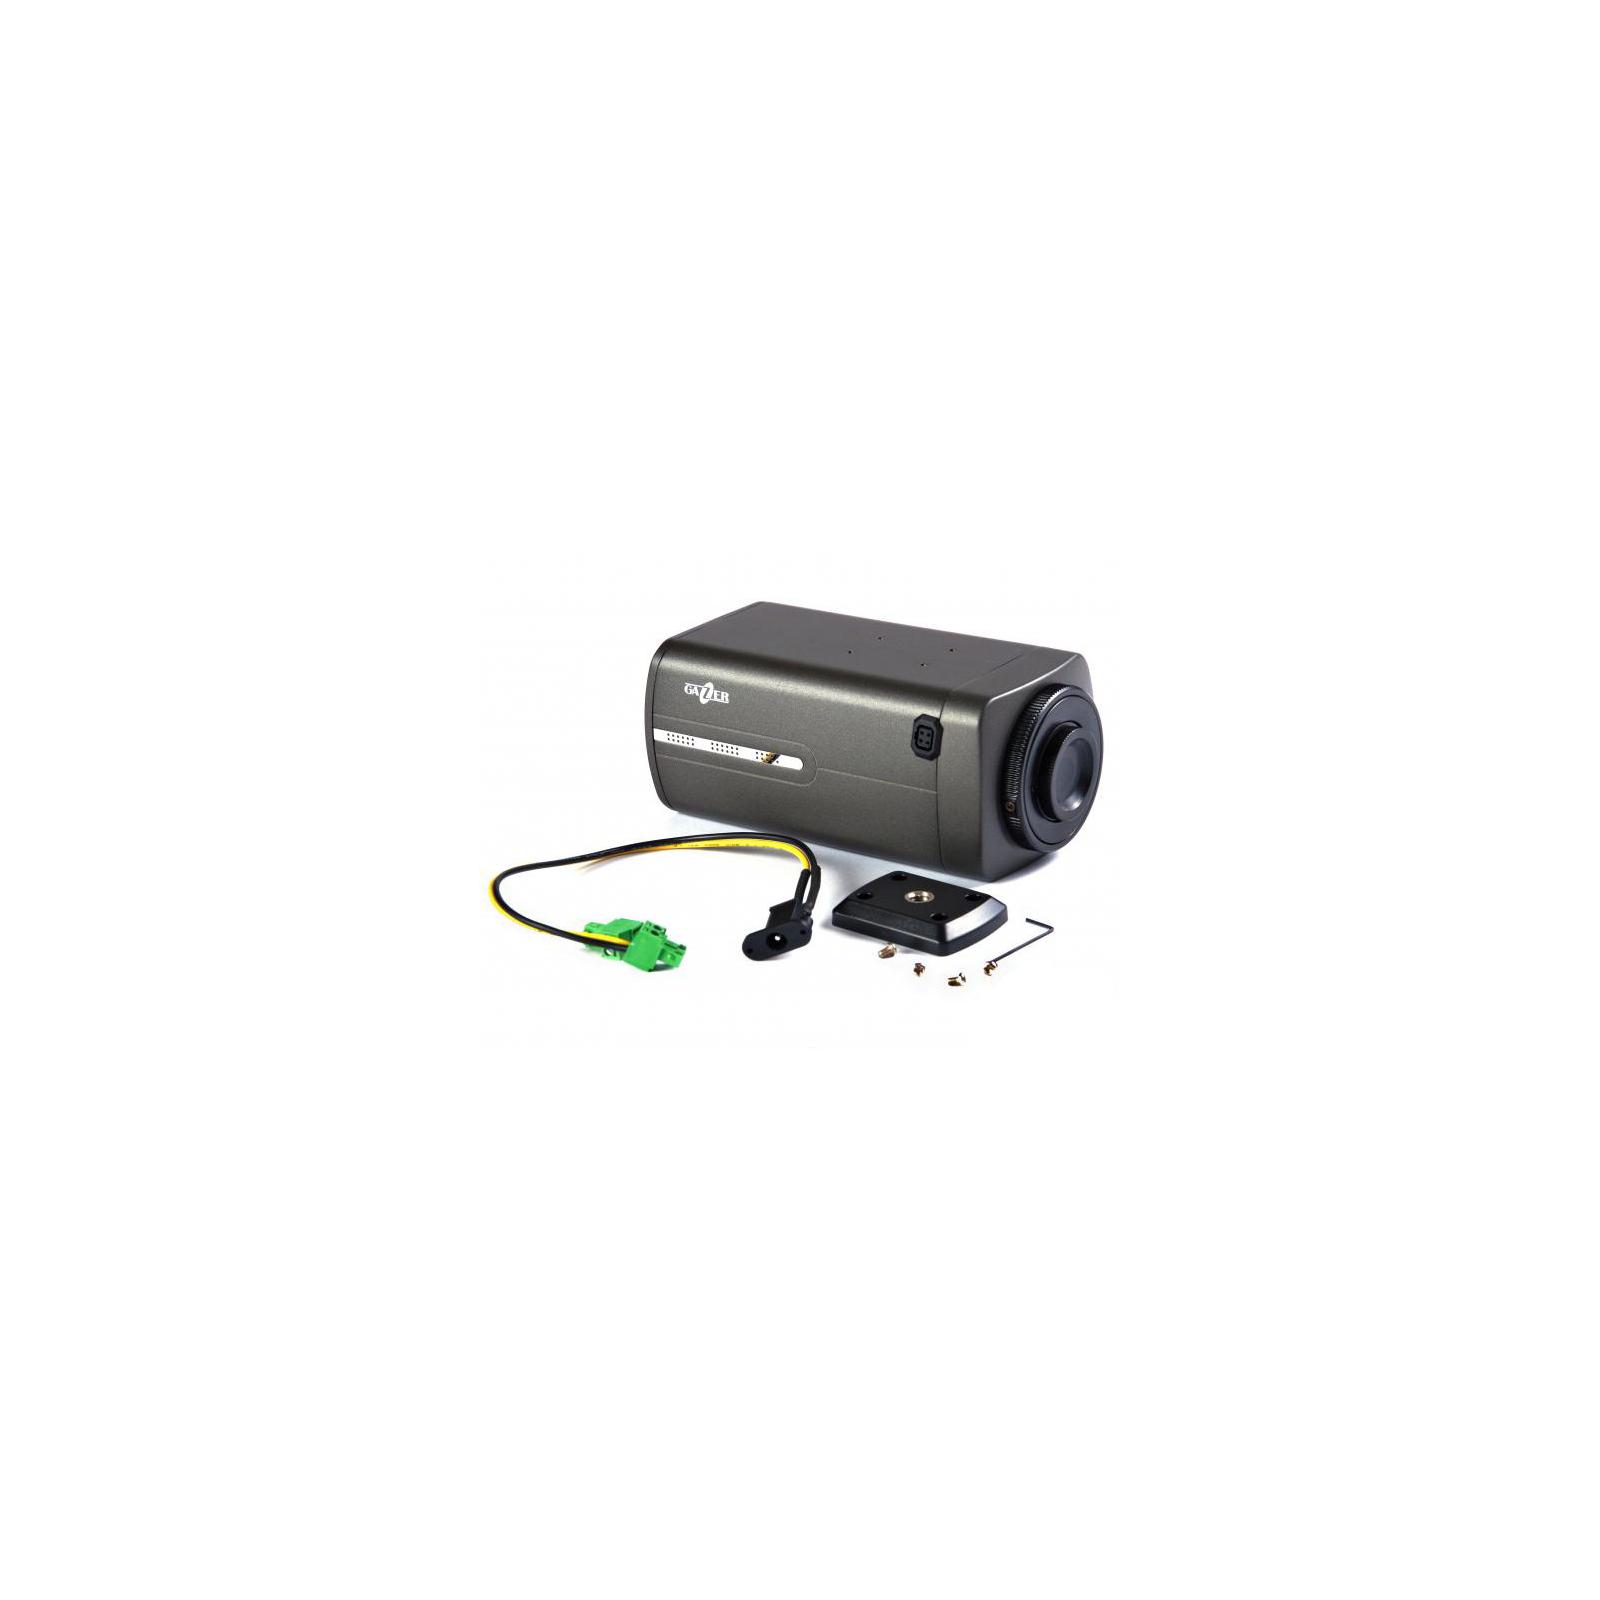 Камера видеонаблюдения Gazer SVC СF104 (F104) изображение 3